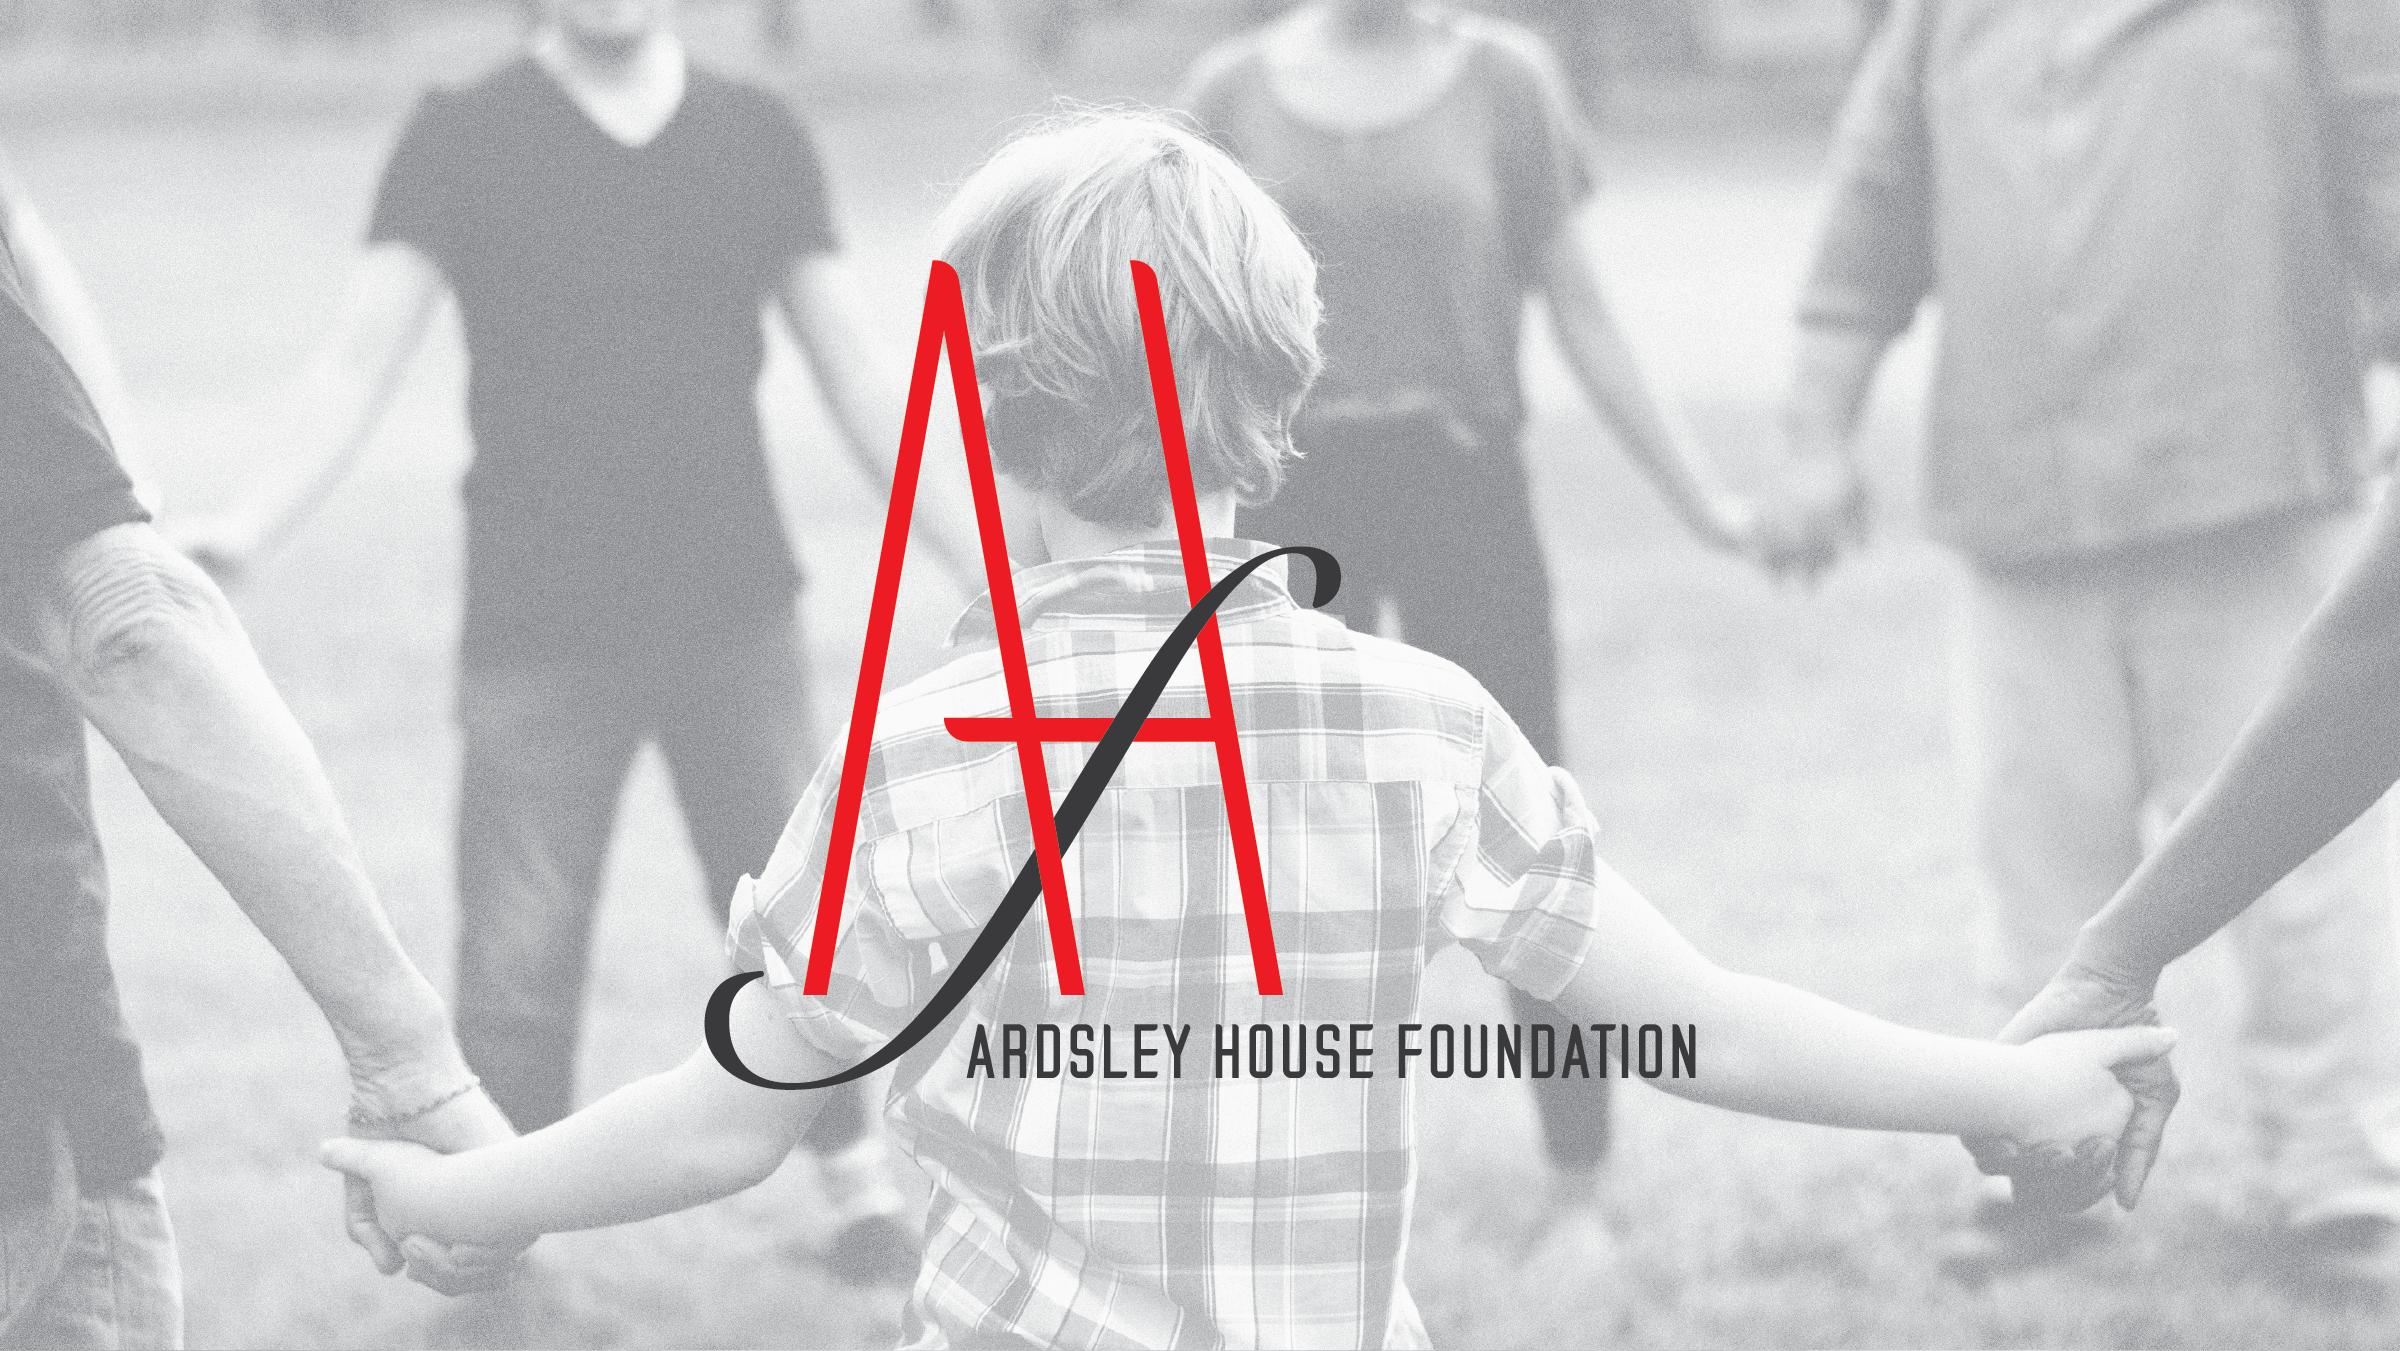 Ardsley House Foundation